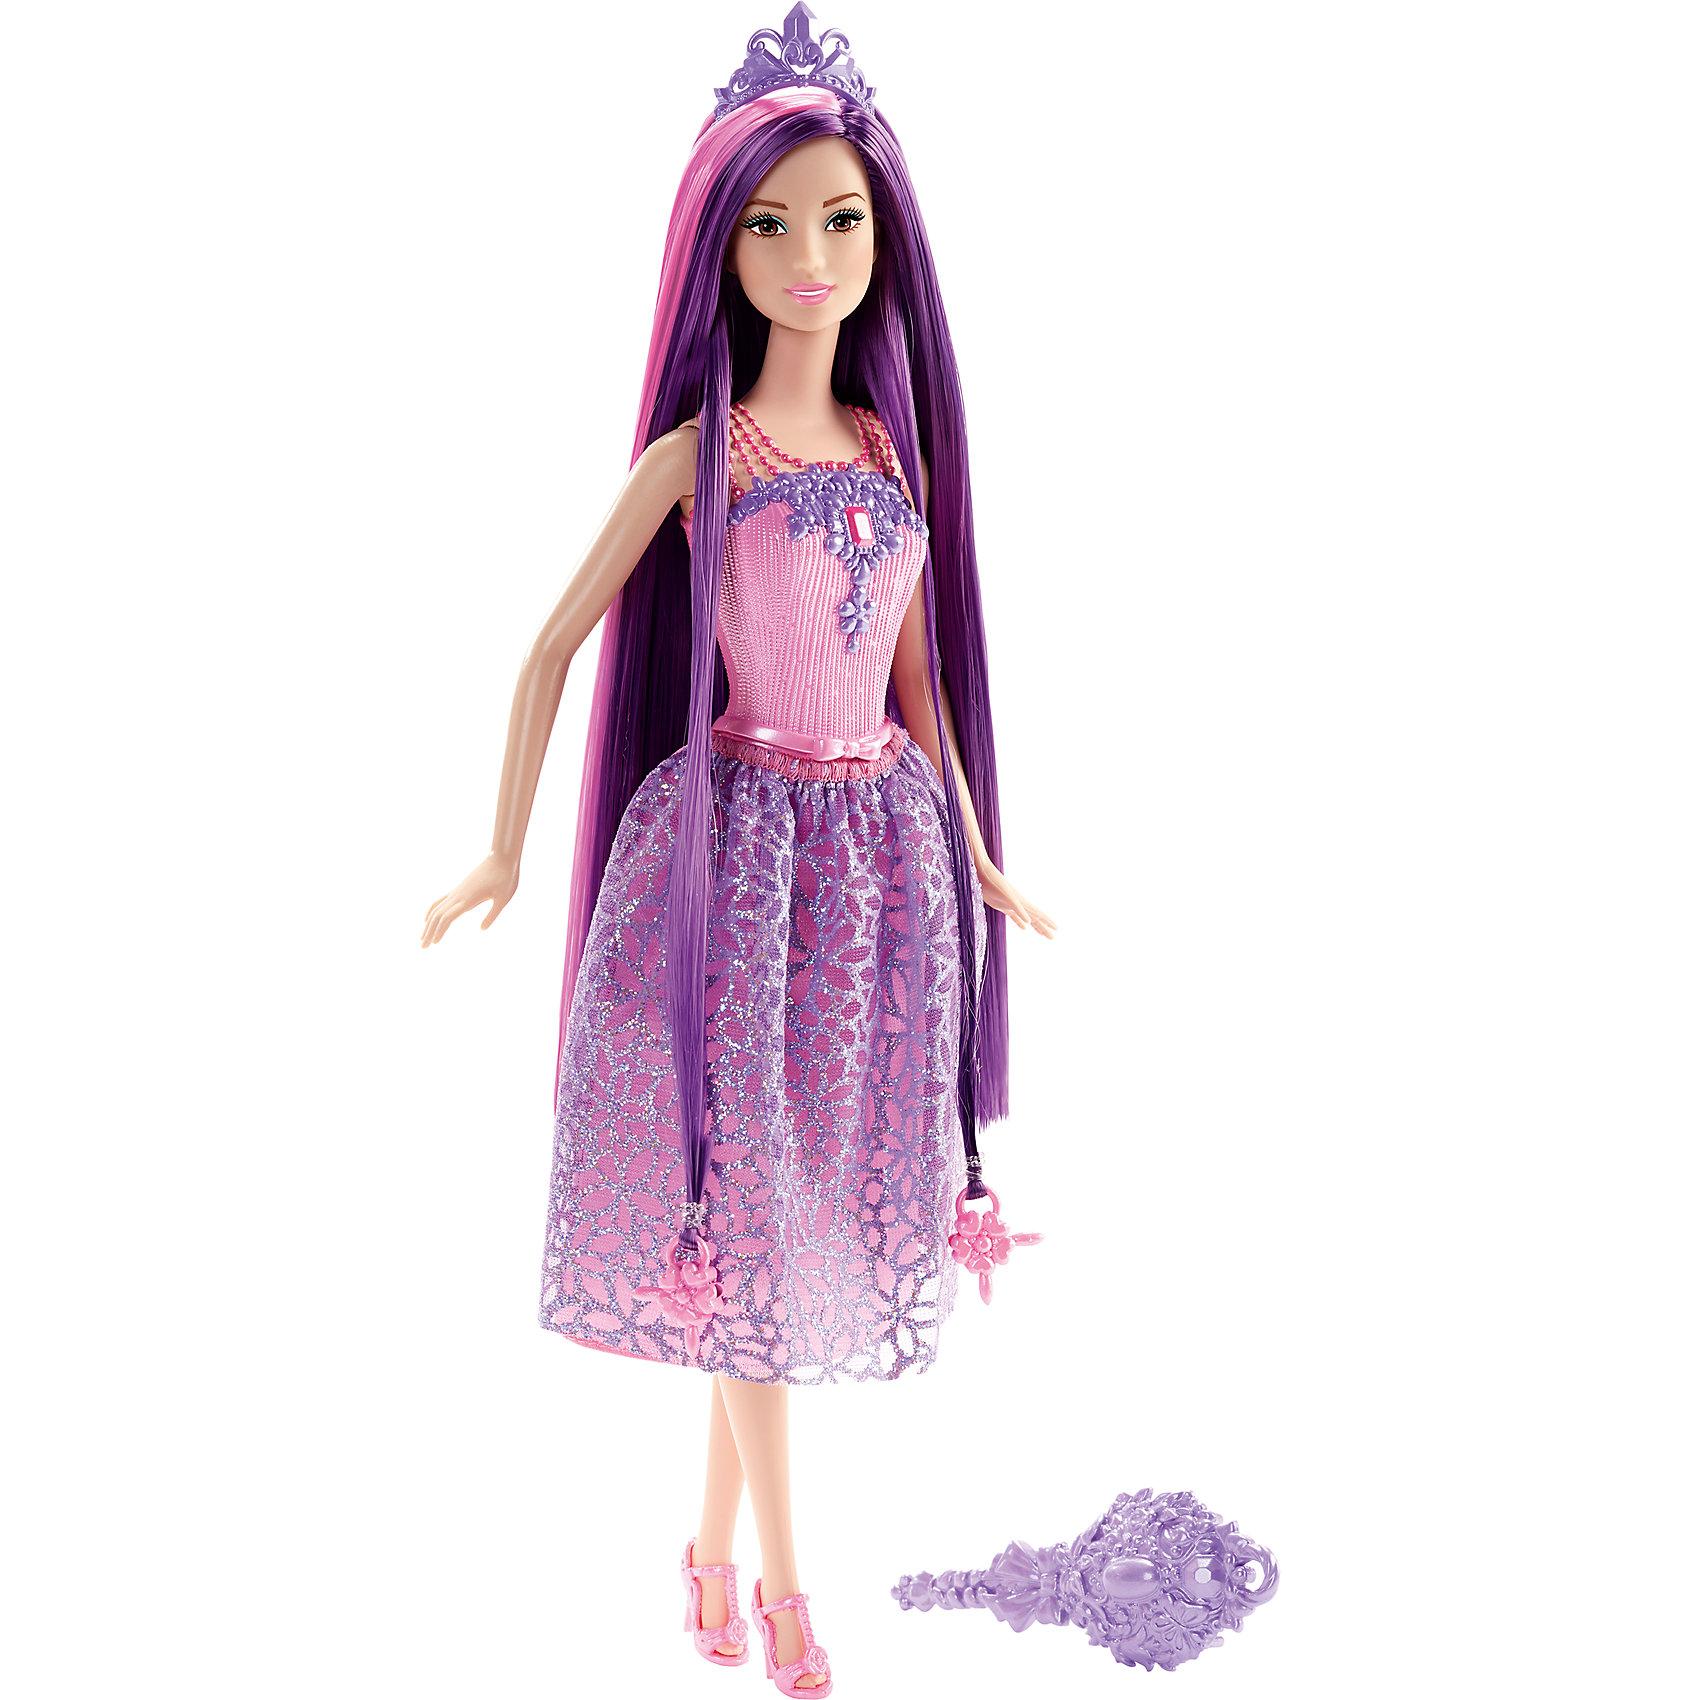 Кукла Принцесса с фиолетовыми волосами, BarbieБренды кукол<br>Кукла Принцесса с фиолетовыми волосами, Barbie, порадует всех юных любительниц Барби и станет достойным пополнением их коллекции. На этот раз красавица Барби представлена в образе очаровательной принцессы в роскошном наряде. У куколки длинные фиолетовые локоны длиной 20 см. с розовыми прядками, которые можно укладывать в разнообразные прически. Чудесное платье с сиреневой юбкой в цветочек и розовым лифом декорировано розовым пояском и нарядной вышивкой. Стильный образ дополняют изящные розовые босоножки и красивая фиолетовая диадема. Тело куколки на шарнирах, ноги и руки сгибаются и разгибаются, благодаря чему она может принимать различные положения. В комплект также входит расческа и два украшения-бусинки для волос, подходящие к парикмахерским инструментам Barbie из набора Barbie Snapn Style Princess Doll (продается отдельно).<br><br>Дополнительная информация:<br><br>- Материал: пластик, текстиль.<br>- Высота куклы: 29 см.<br>- Размер упаковки: 12,7 x 6 x 32,4 см.<br>- Вес: 0,24 кг.<br><br>Куклу Принцесса с фиолетовыми волосами, Barbie, Mattel, можно купить в нашем интернет-магазине.<br><br>Ширина мм: 329<br>Глубина мм: 134<br>Высота мм: 66<br>Вес г: 188<br>Возраст от месяцев: 36<br>Возраст до месяцев: 72<br>Пол: Женский<br>Возраст: Детский<br>SKU: 4349938